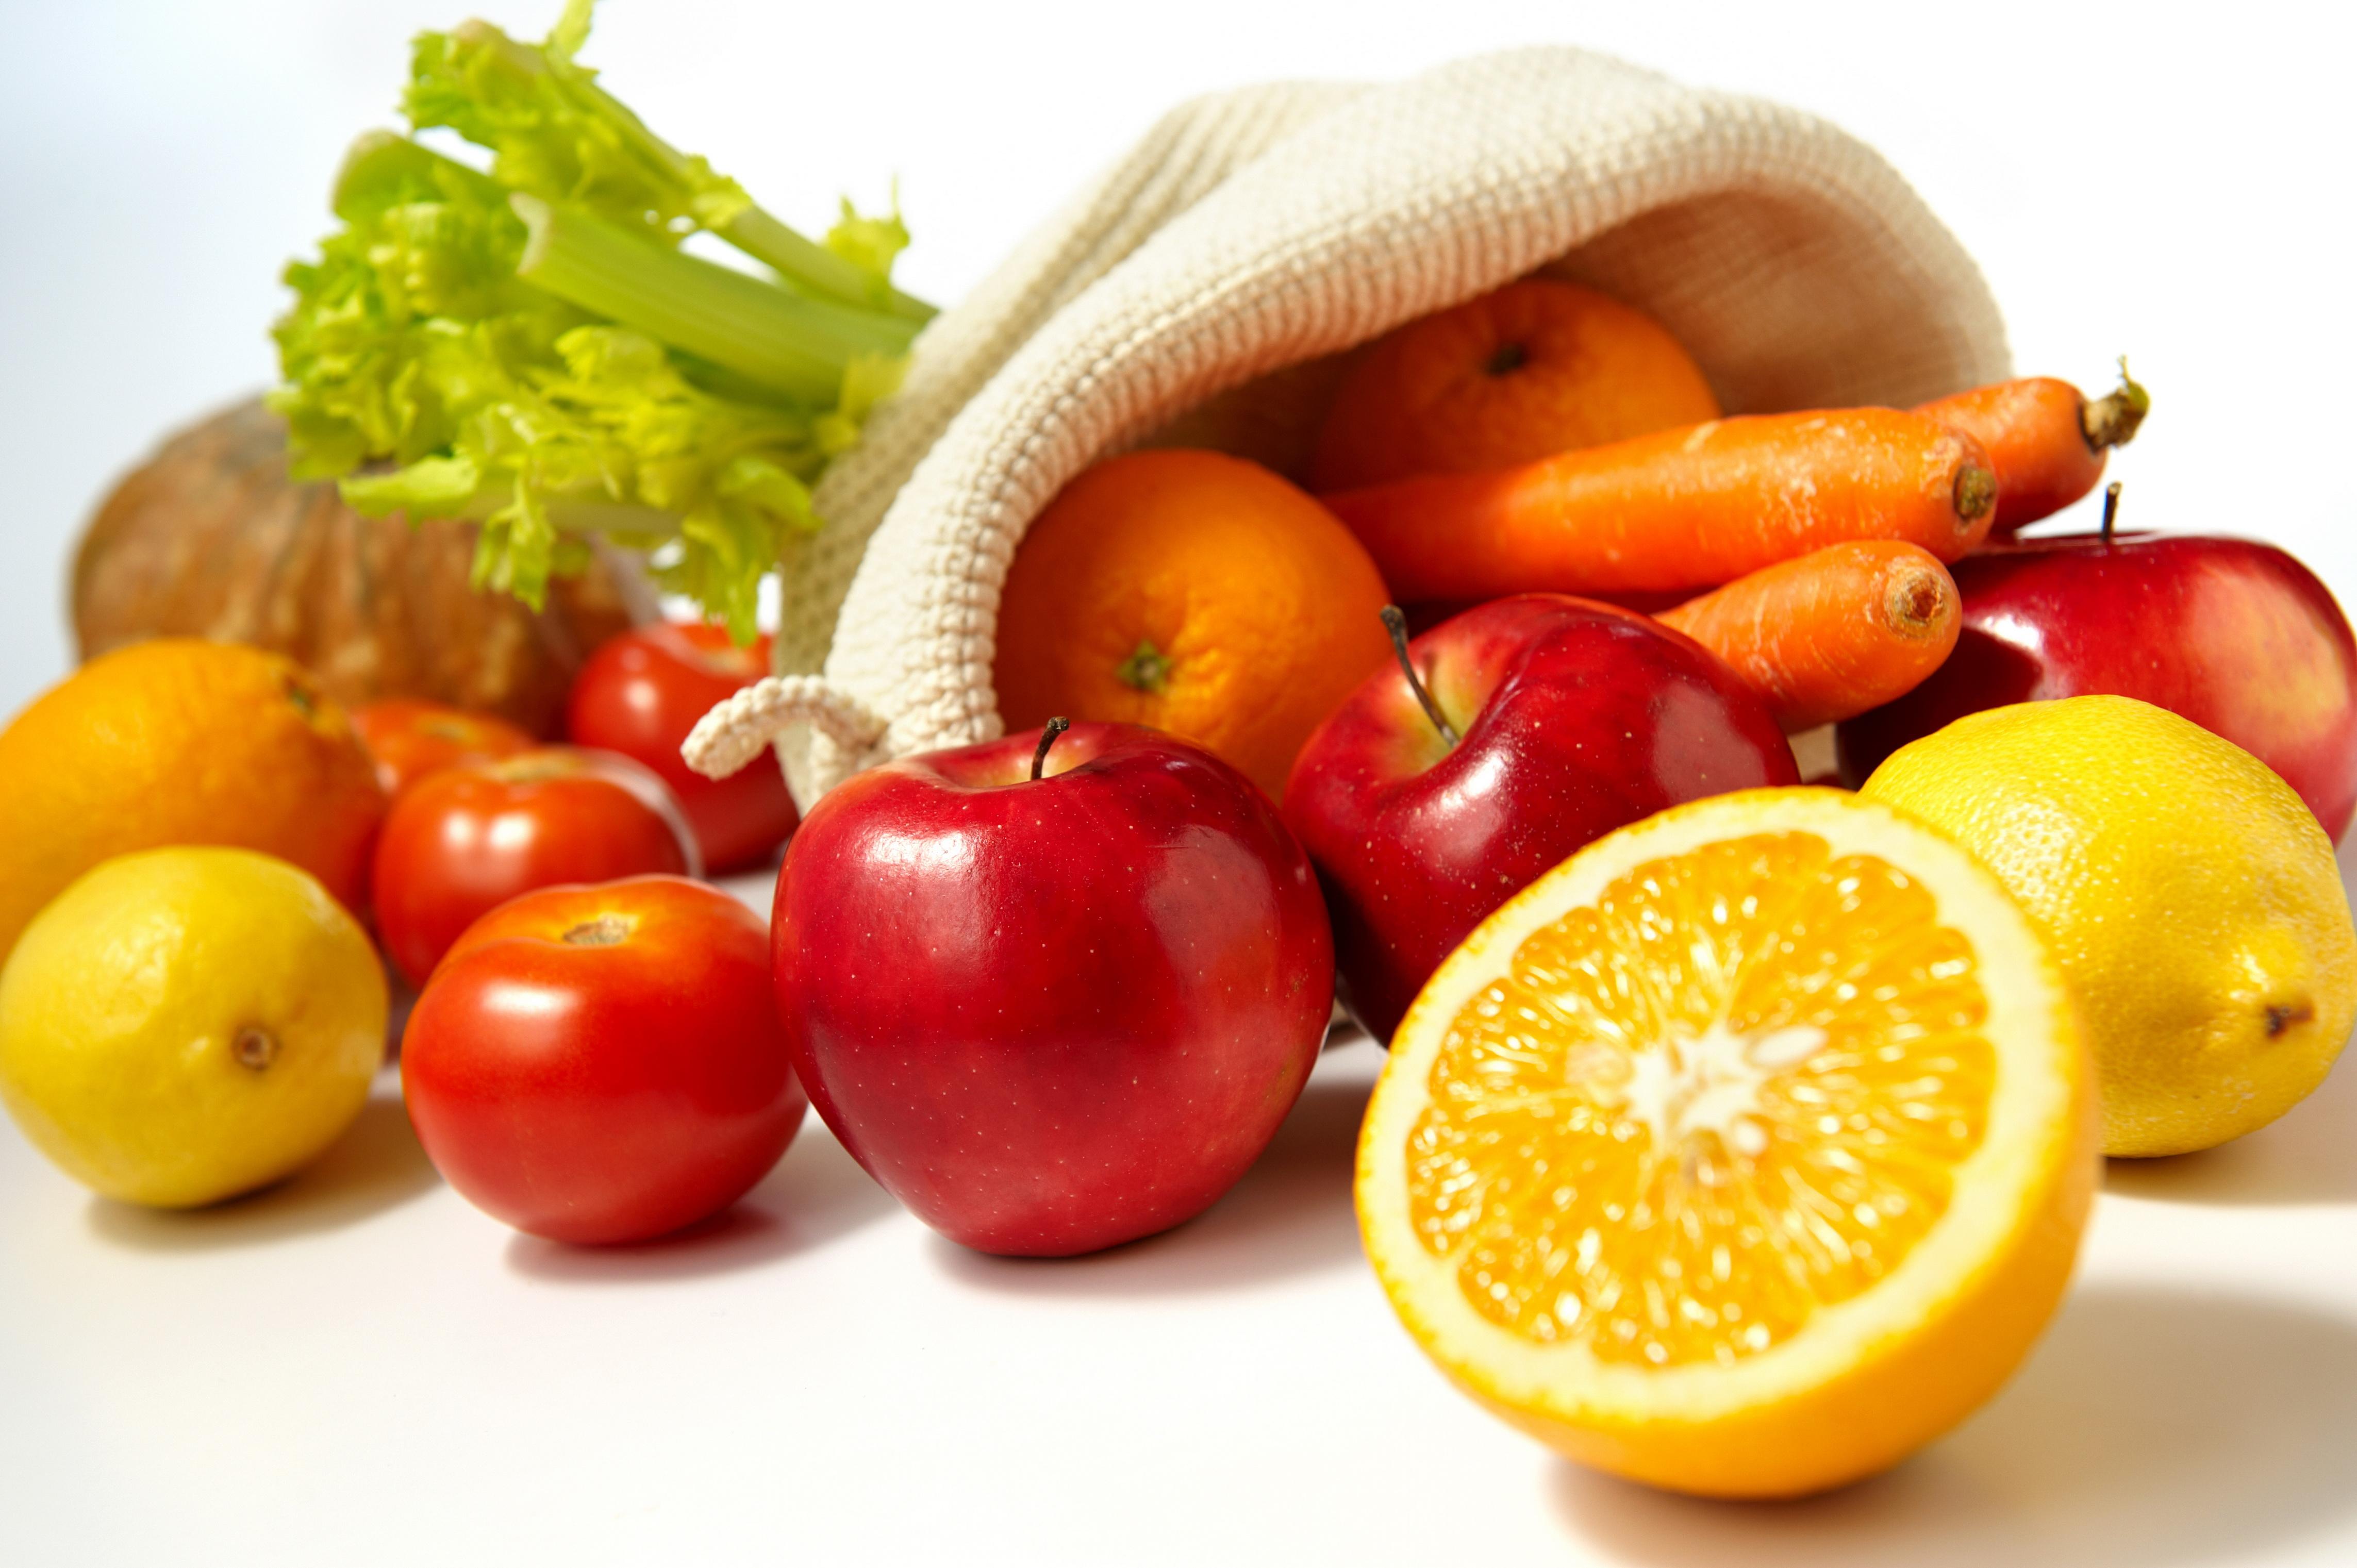 Лимон Яблоко Диета. Лимонная диета для похудения — минус 5 кг за 2 дня, меню на 3 и 14 дней, отзывы и результаты